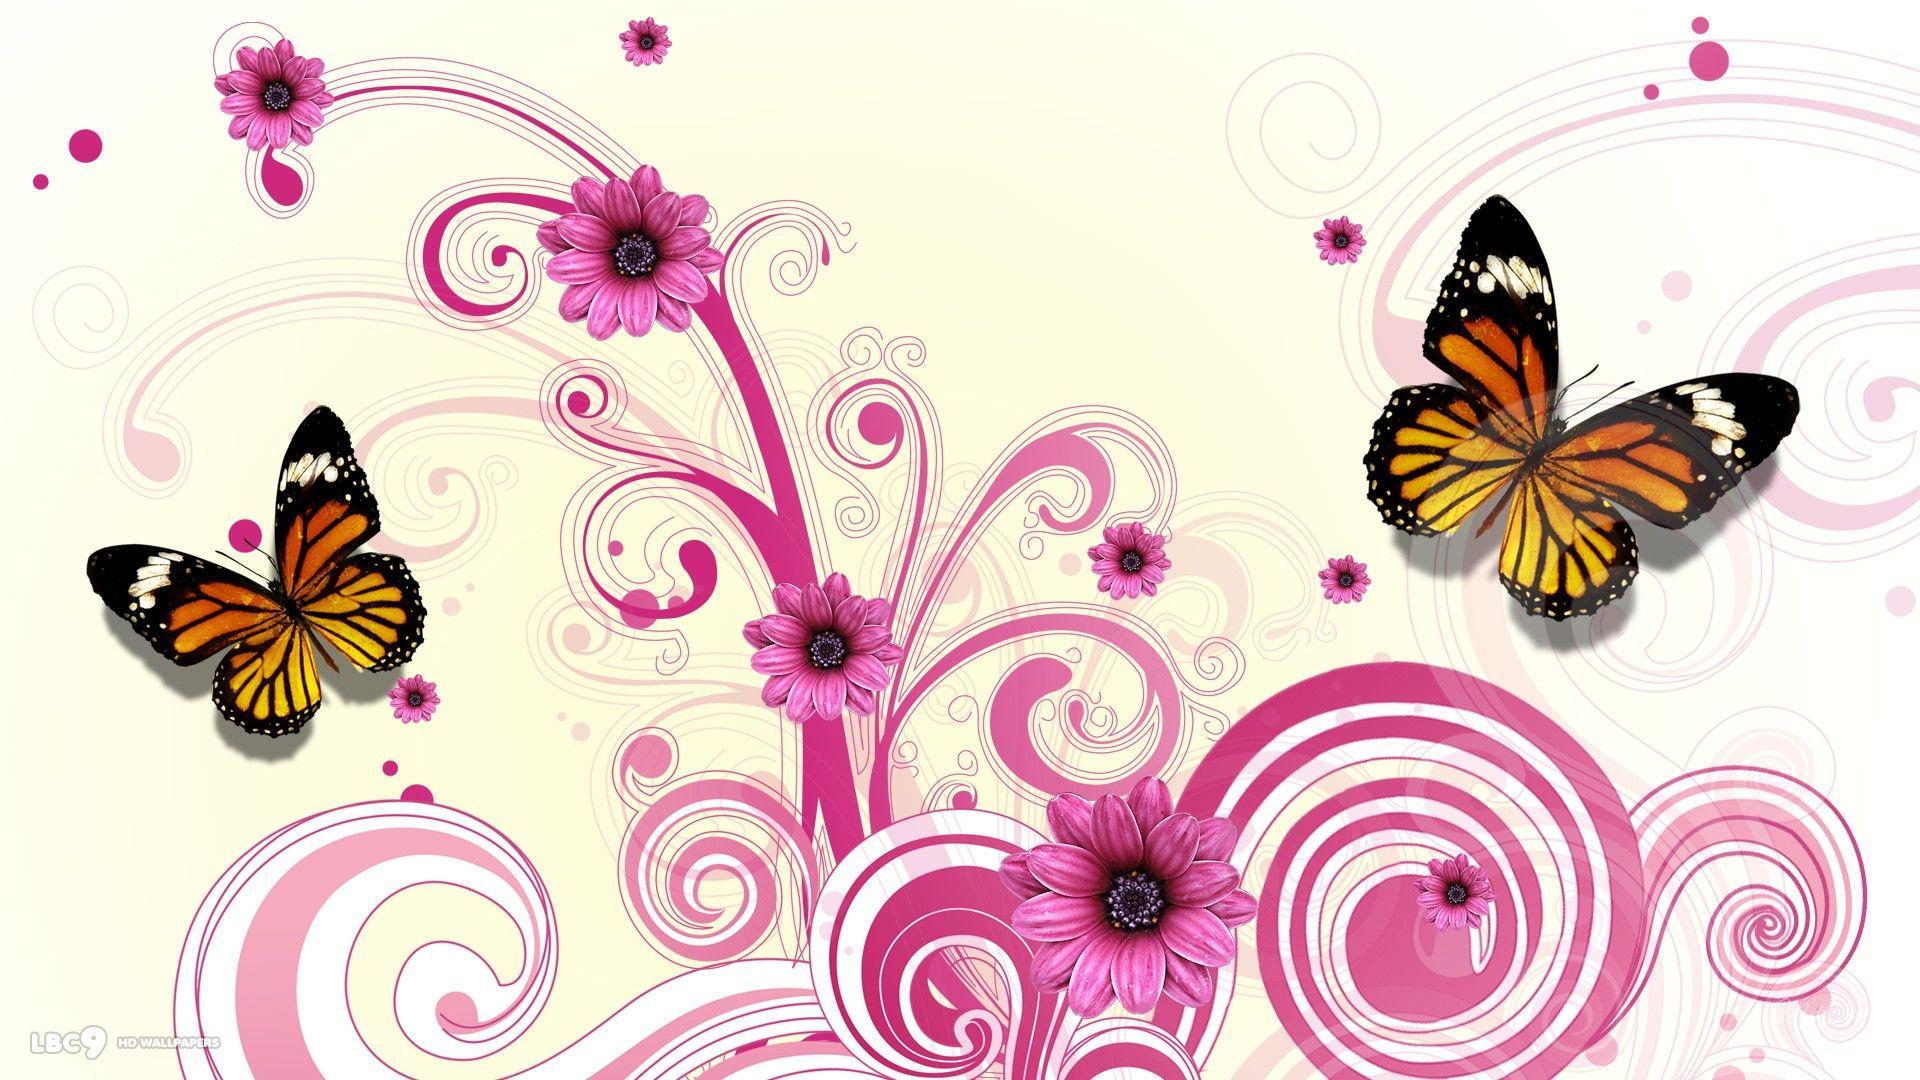 Butterfly Pink Flower Vector Wallpaper Widescreen for